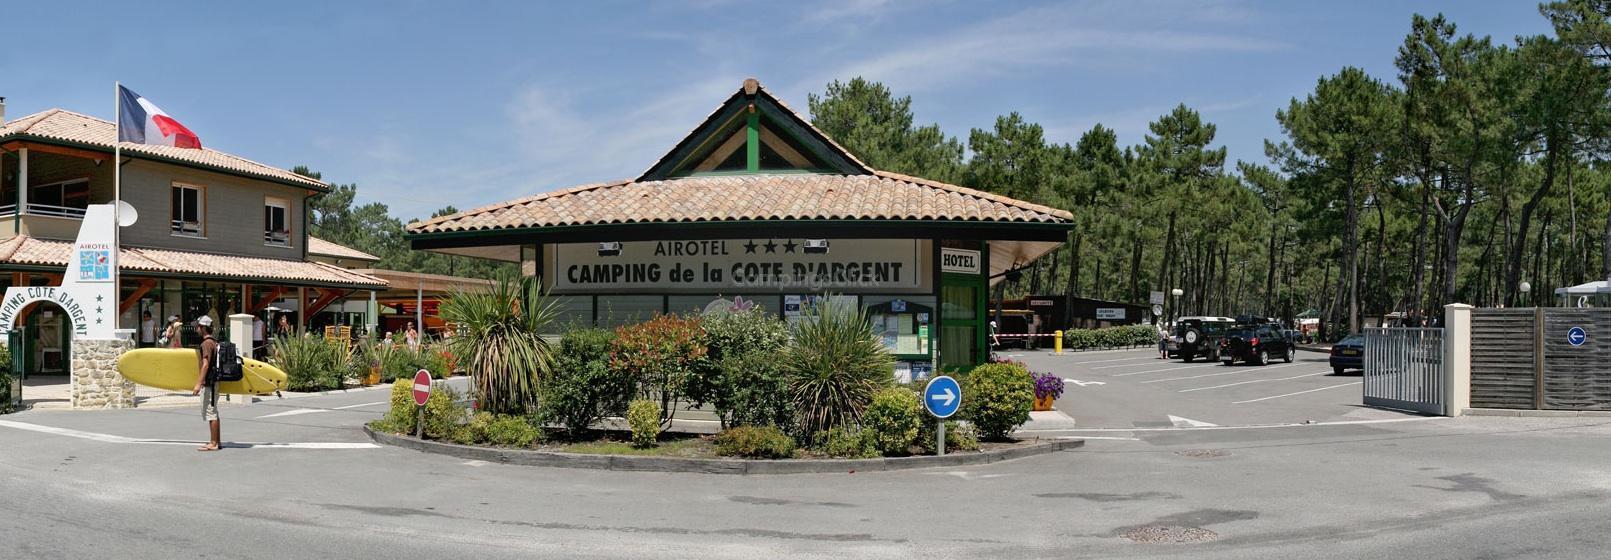 AIROTEL Campsite De La Cote D'argent